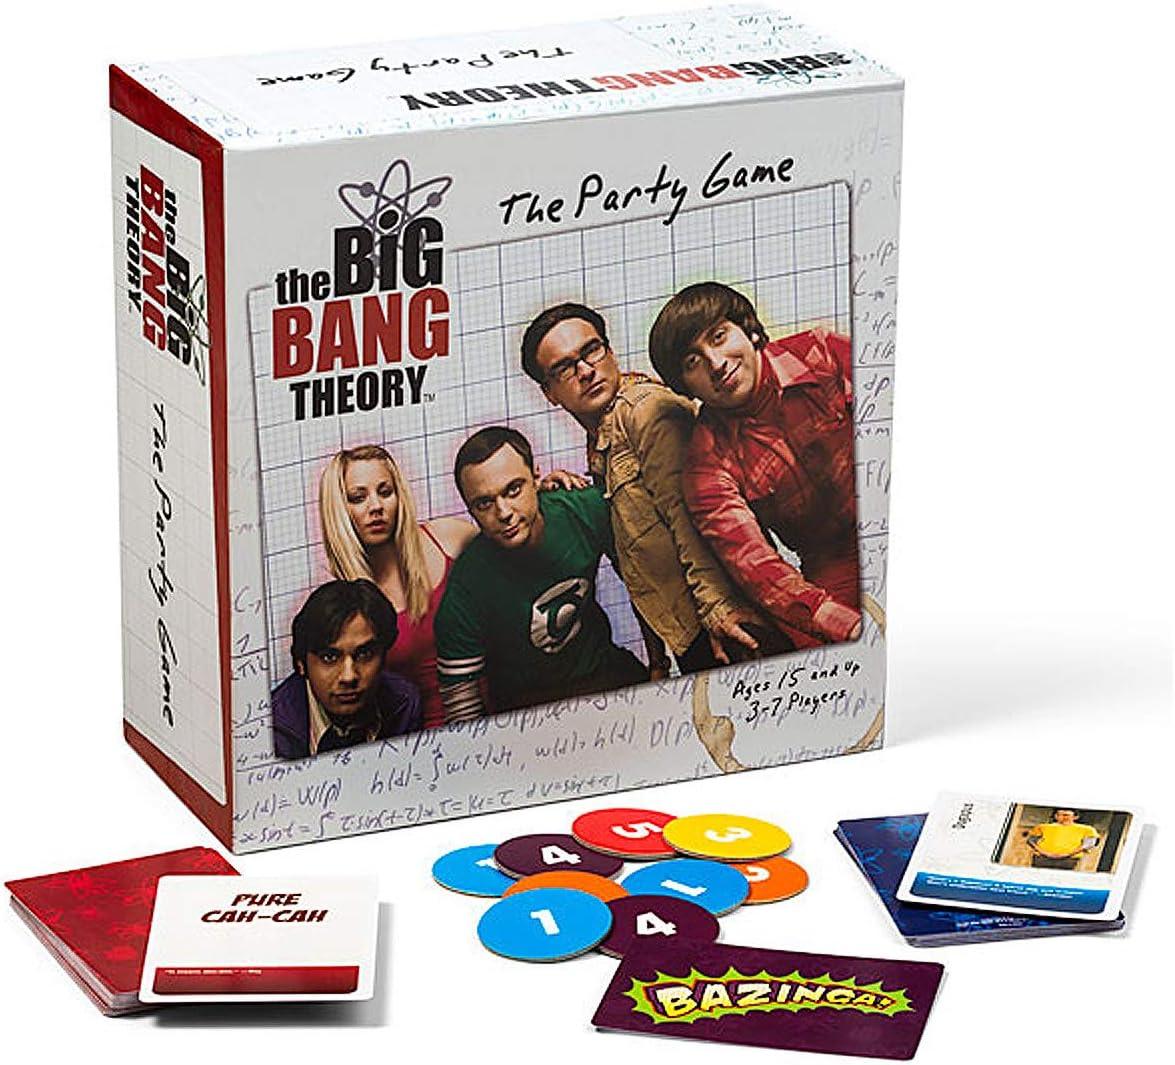 The Big Bang Theory The Party Game - Juego de Mesa (en inglés): Amazon.es: Juguetes y juegos